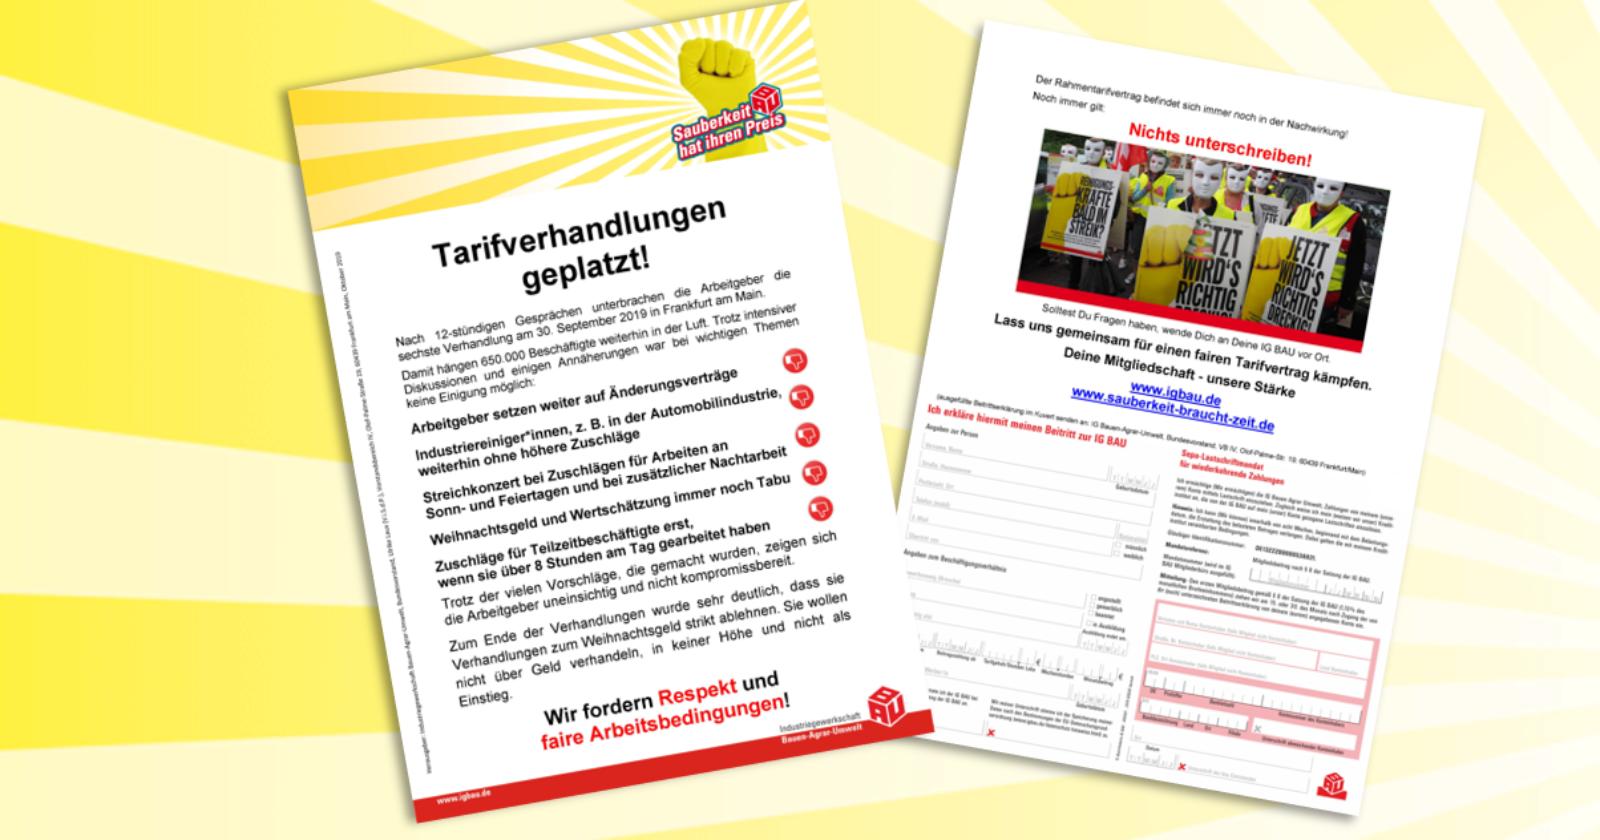 Flugblatt: Tarifverhandlungen geplatzt!